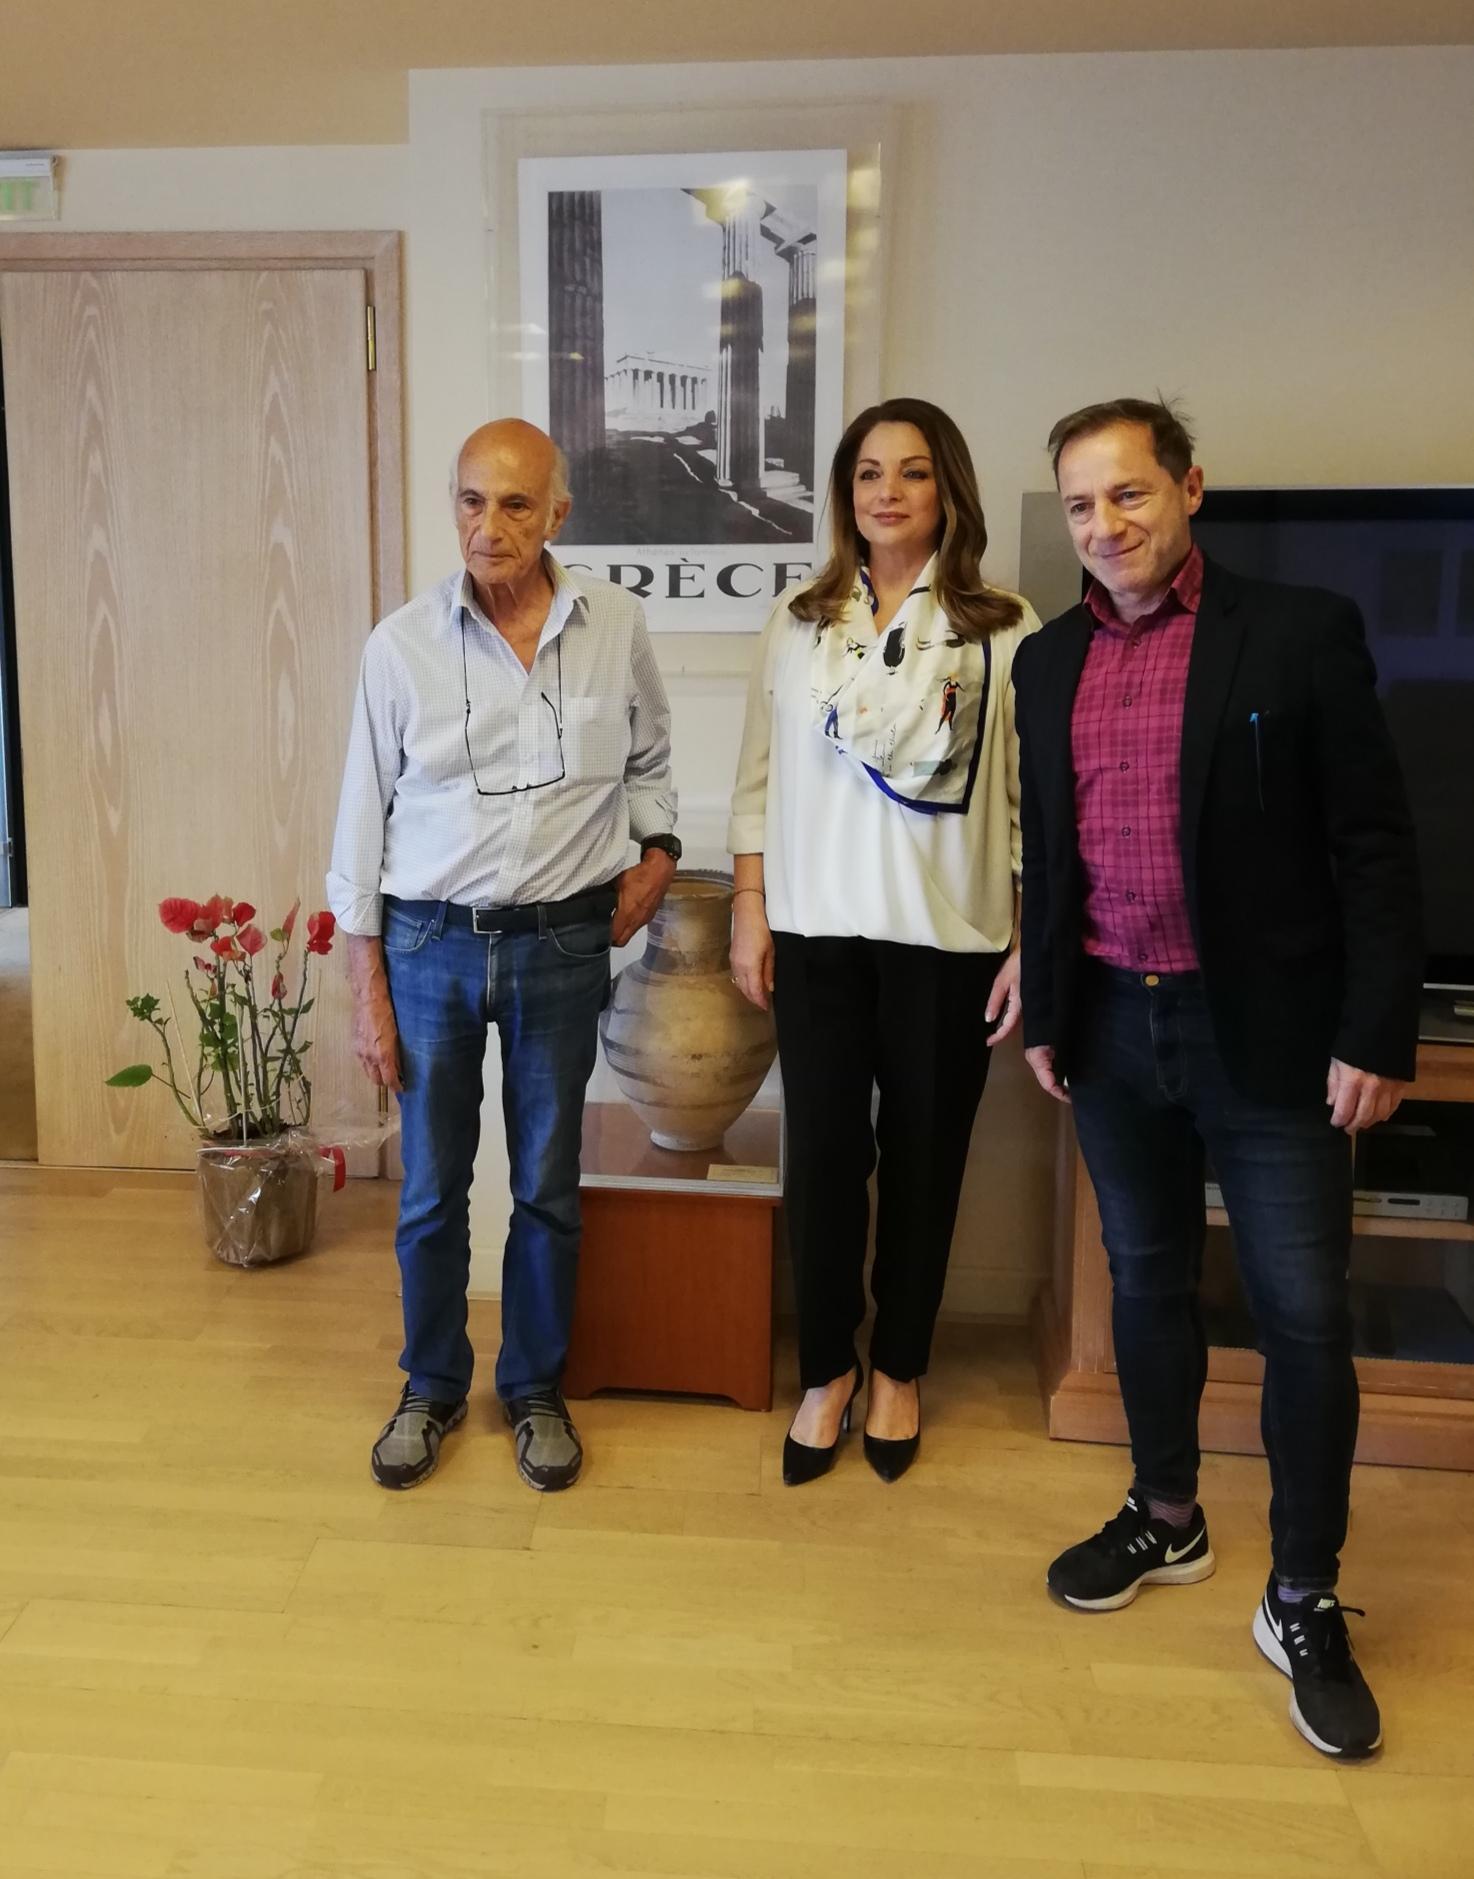 Η Ελλάδα διεθνής πολιτιστικός προορισμός - Συνεργασία μεταξύ ΕΟΤ και Εθνικού Θεάτρου